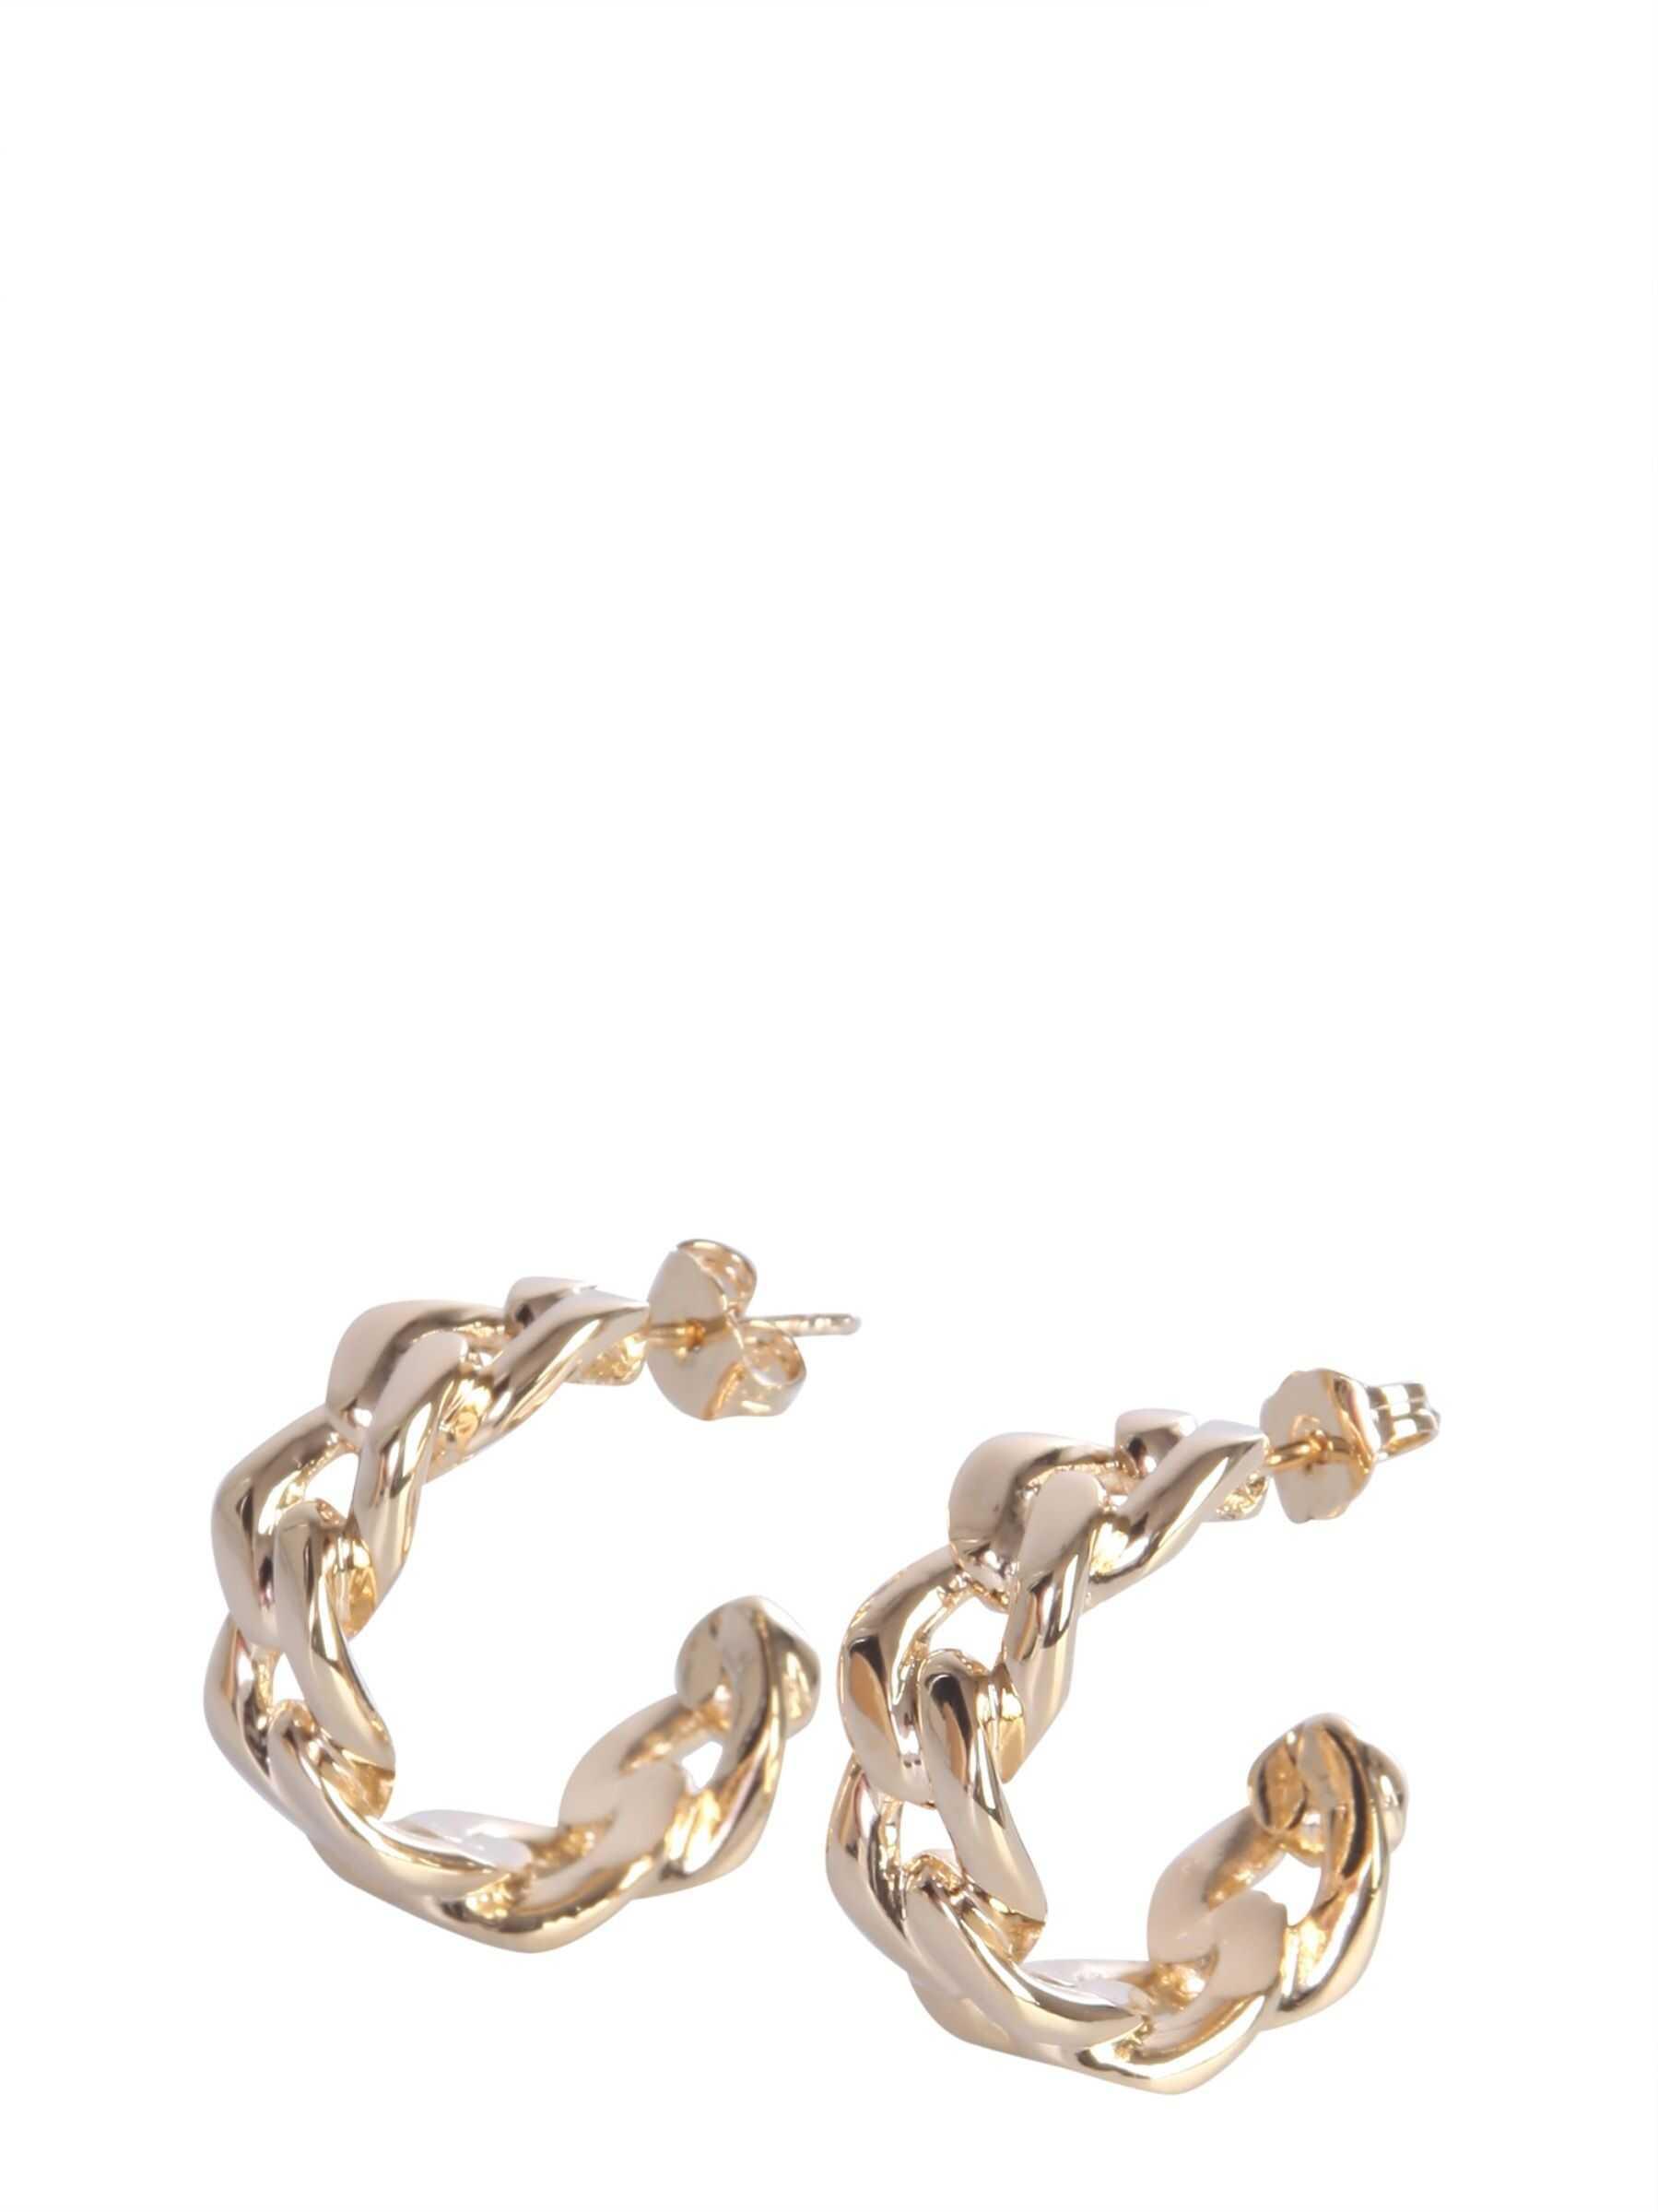 Maison Margiela Brass Earrings GOLD